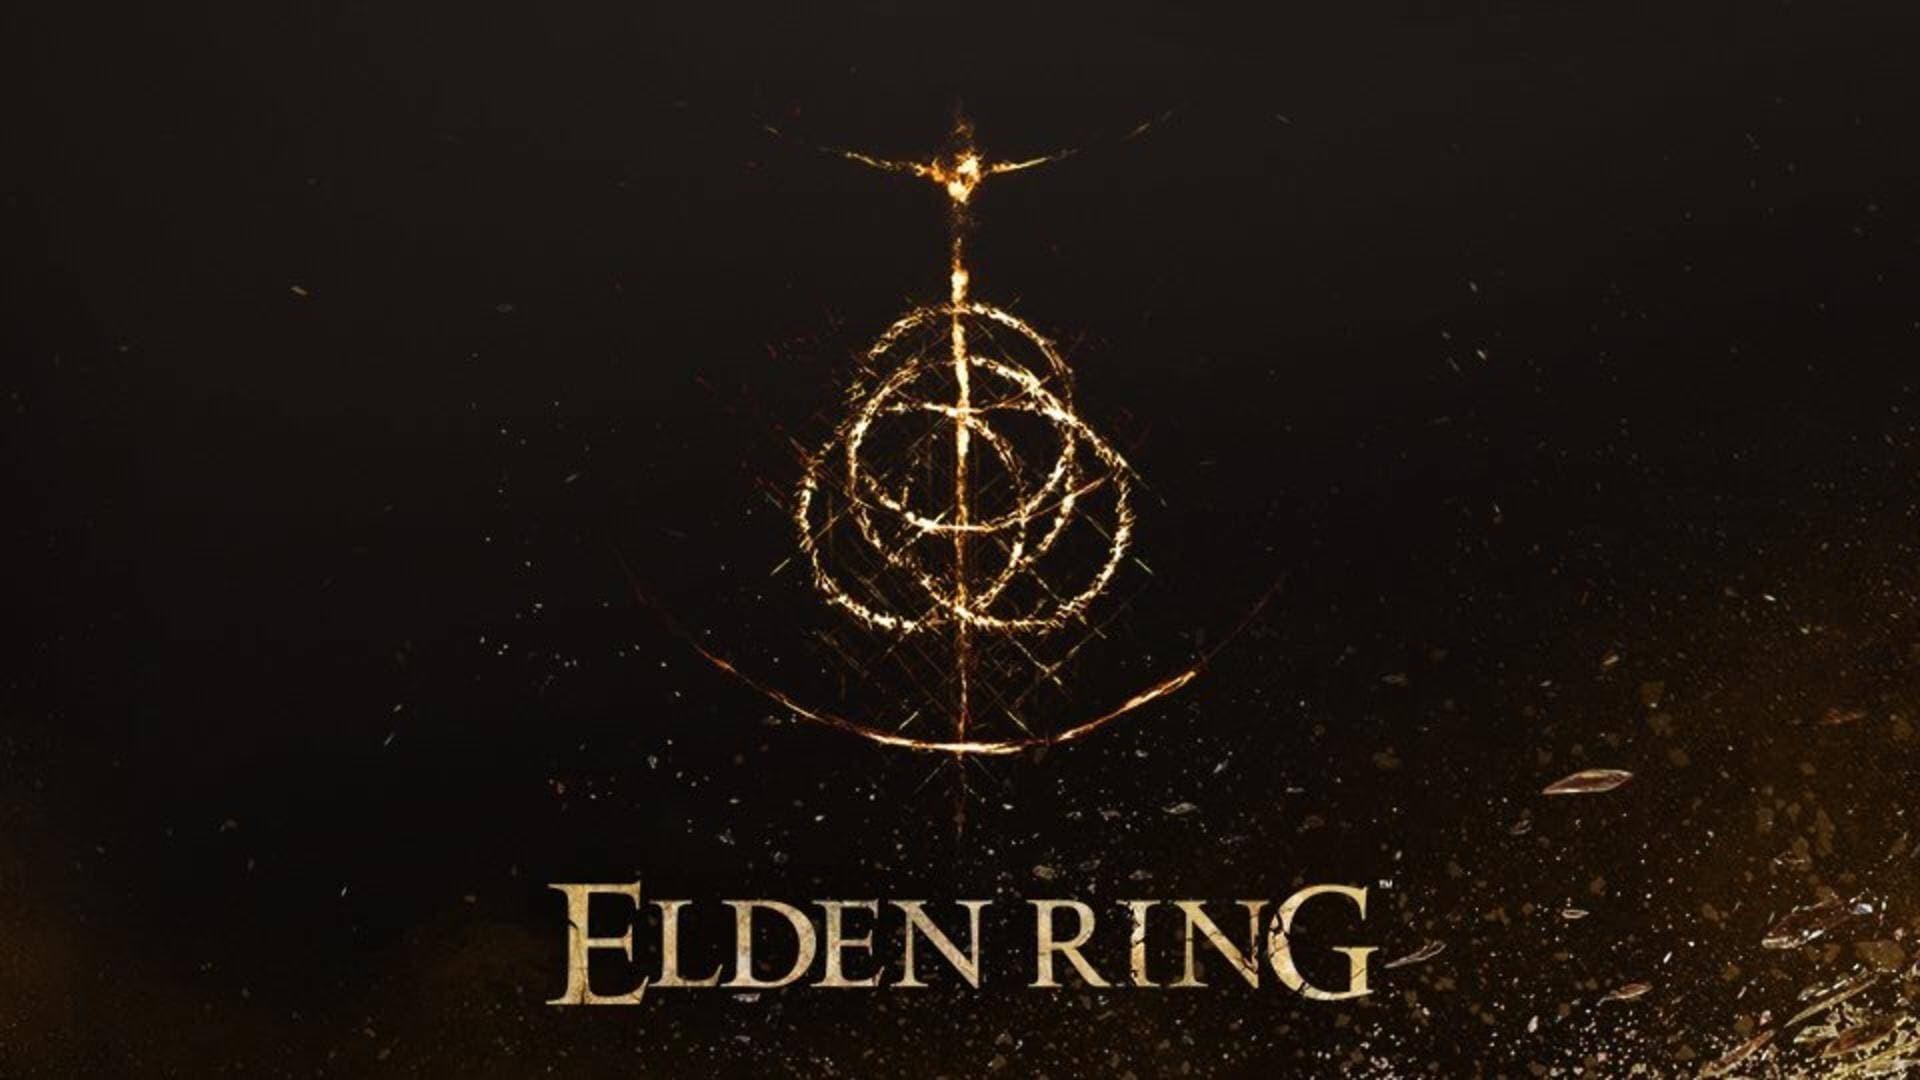 elden-ring-81029